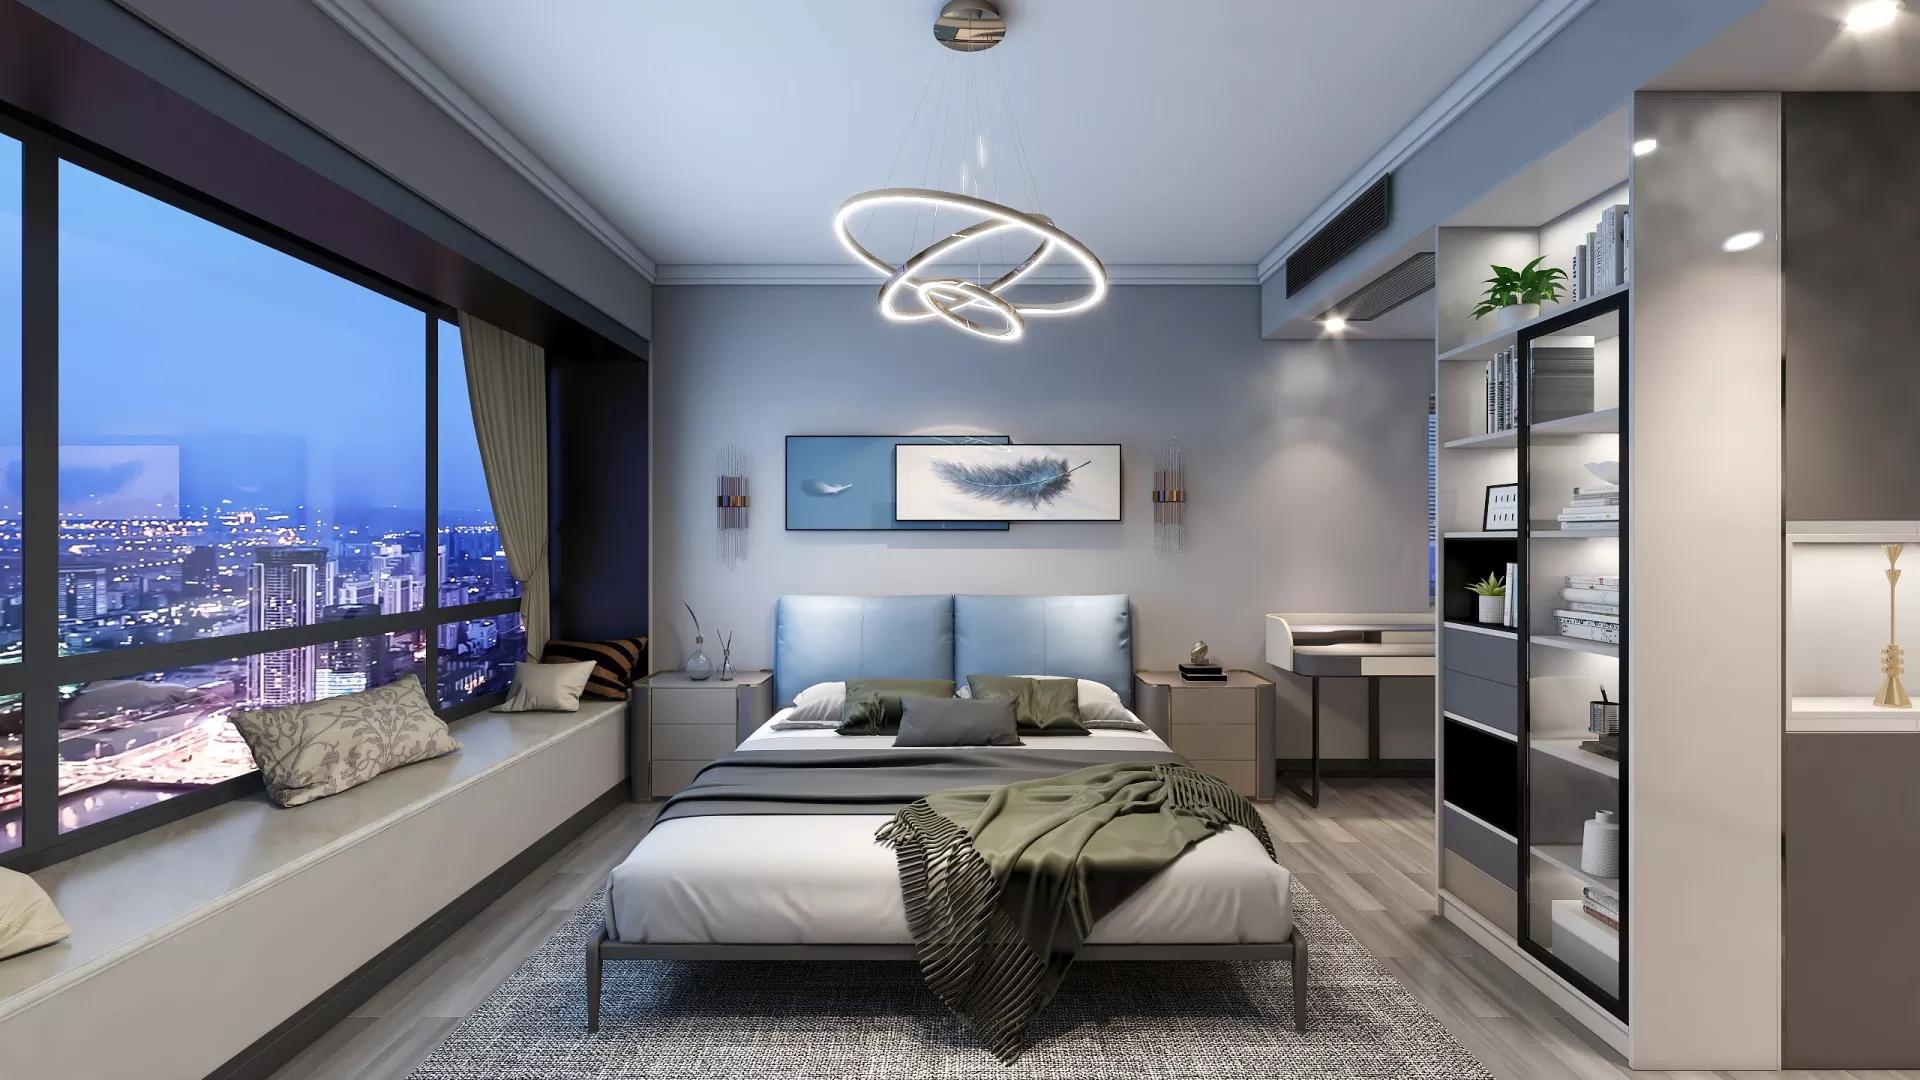 360㎡现代风别墅高档气质的客厅装修效果图